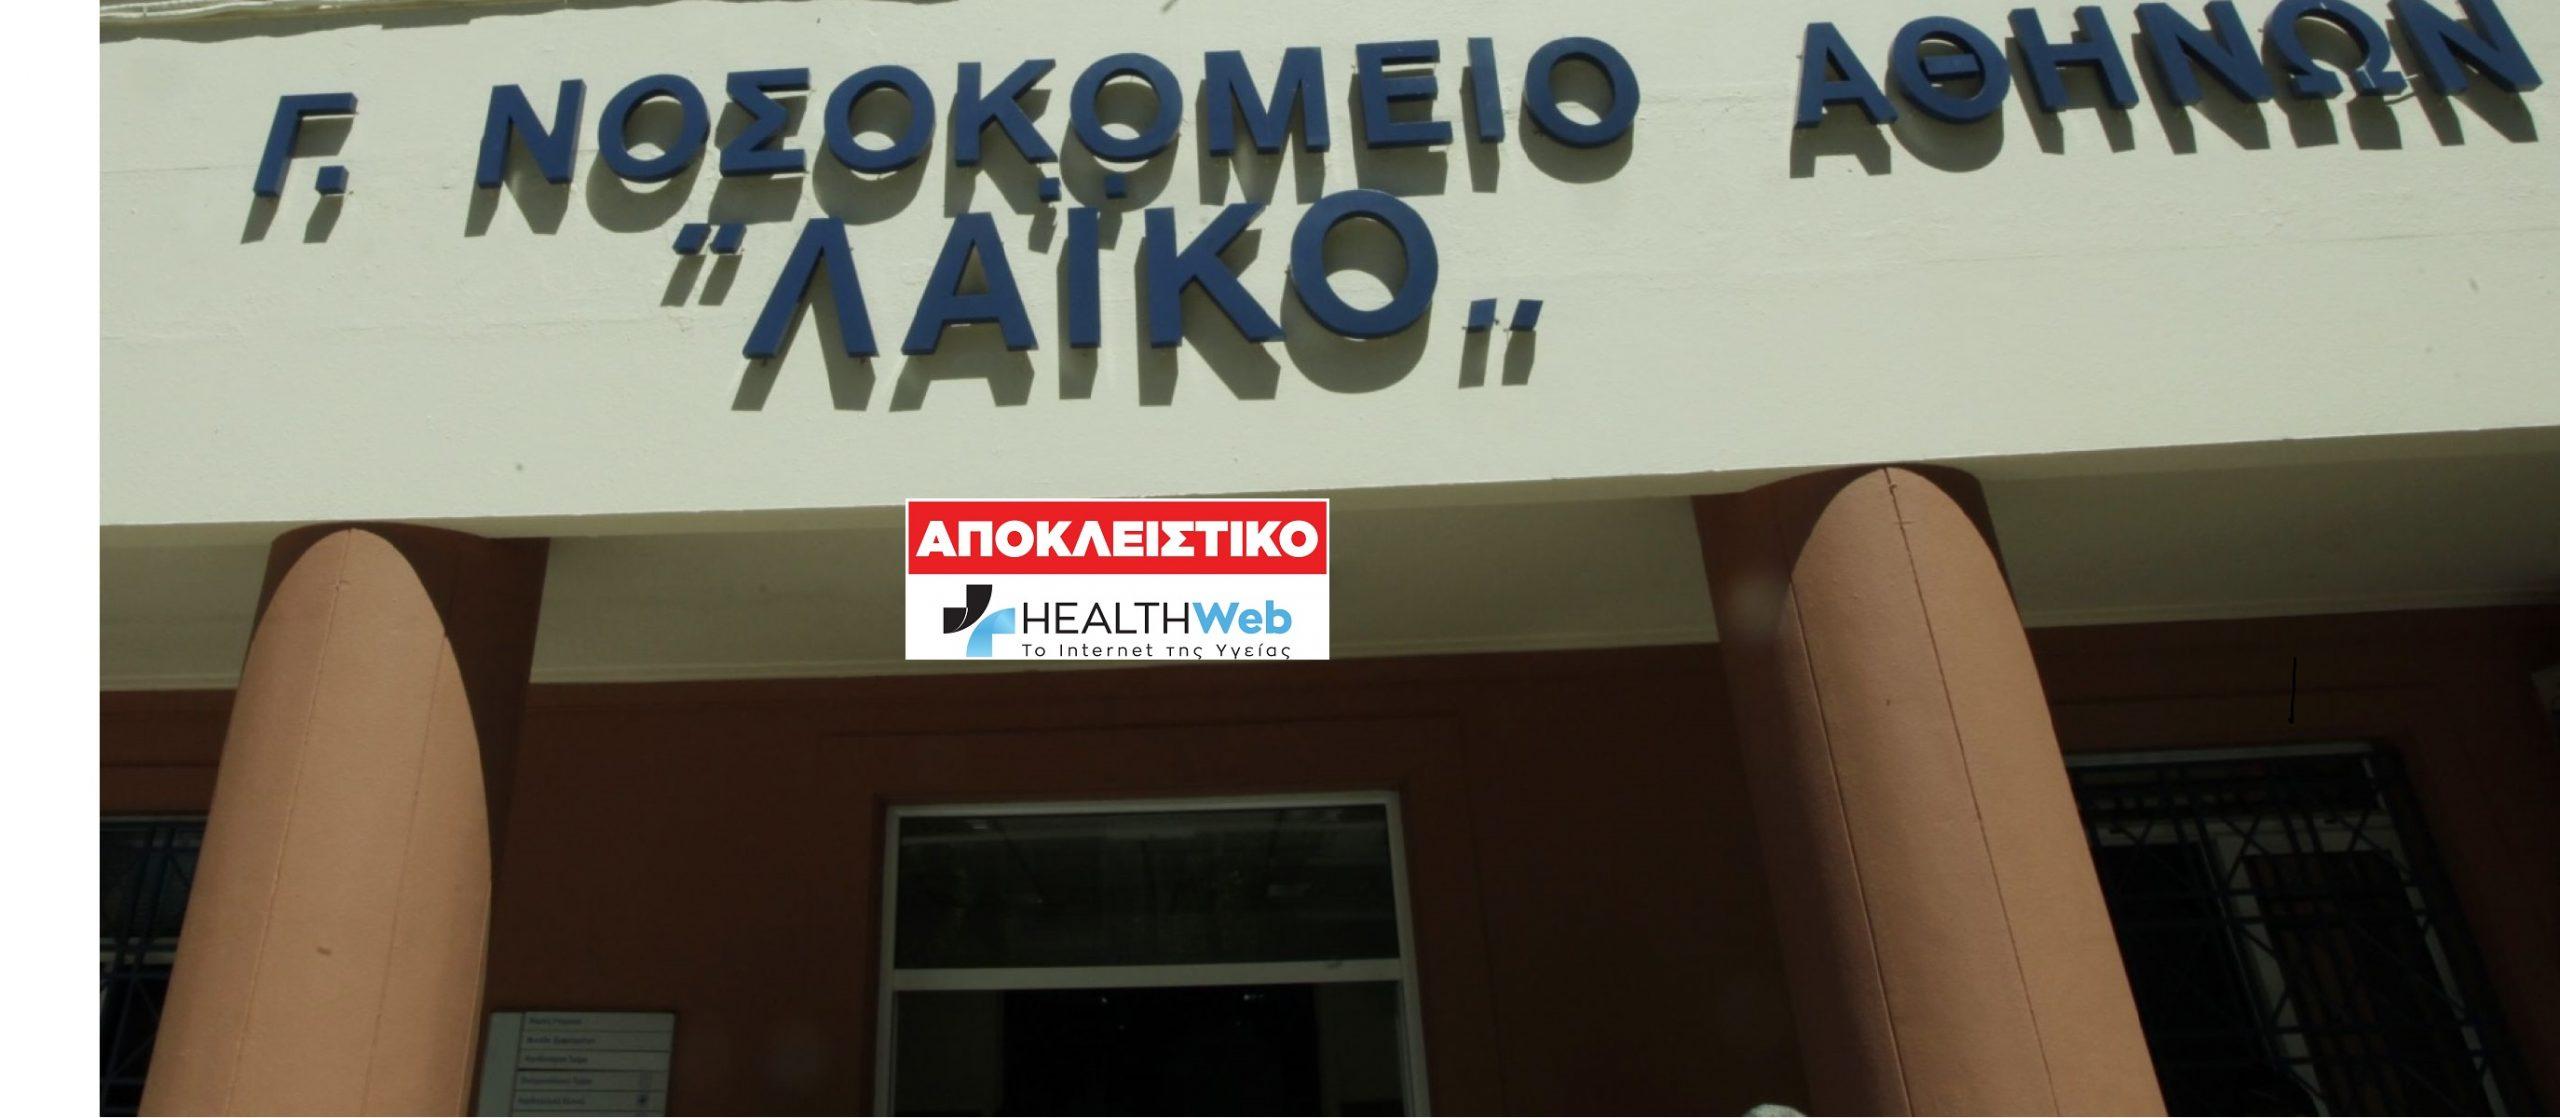 Αποκλειστικό ΓΝΑ ΛΑΙΚΟ: «Λουκέτο» στο Κέντρο Σπανίων Σκελετικών Νοσημάτων-Ποιο οργανωμένο σχέδιο κρύβεται από πίσω